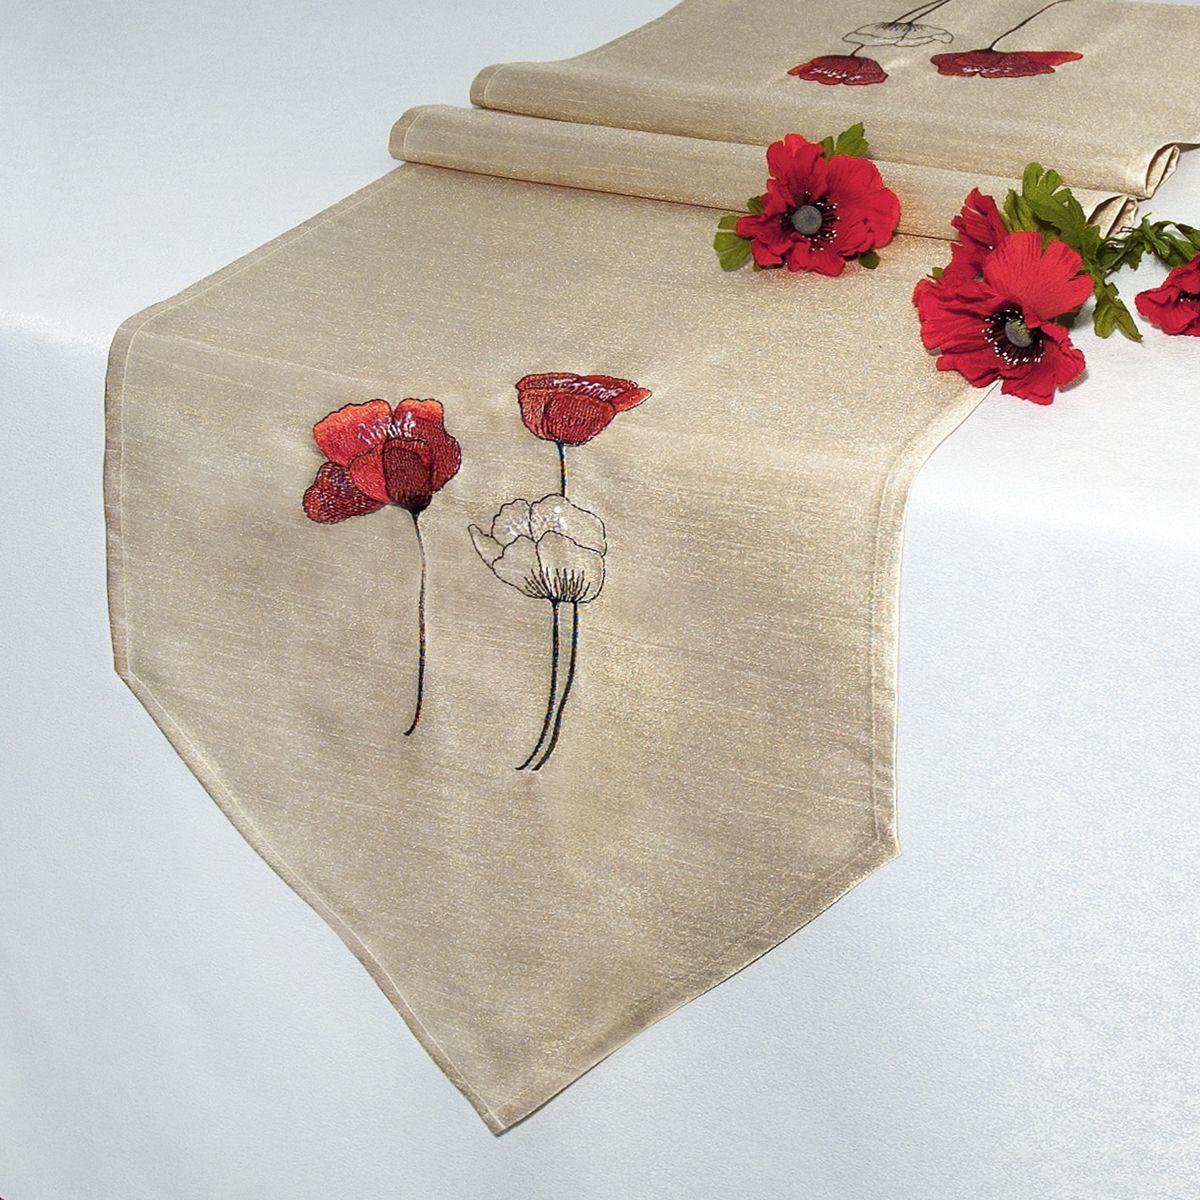 Дорожка для декорирования стола Schaefer, 40x160 см. 07201-25407201-254